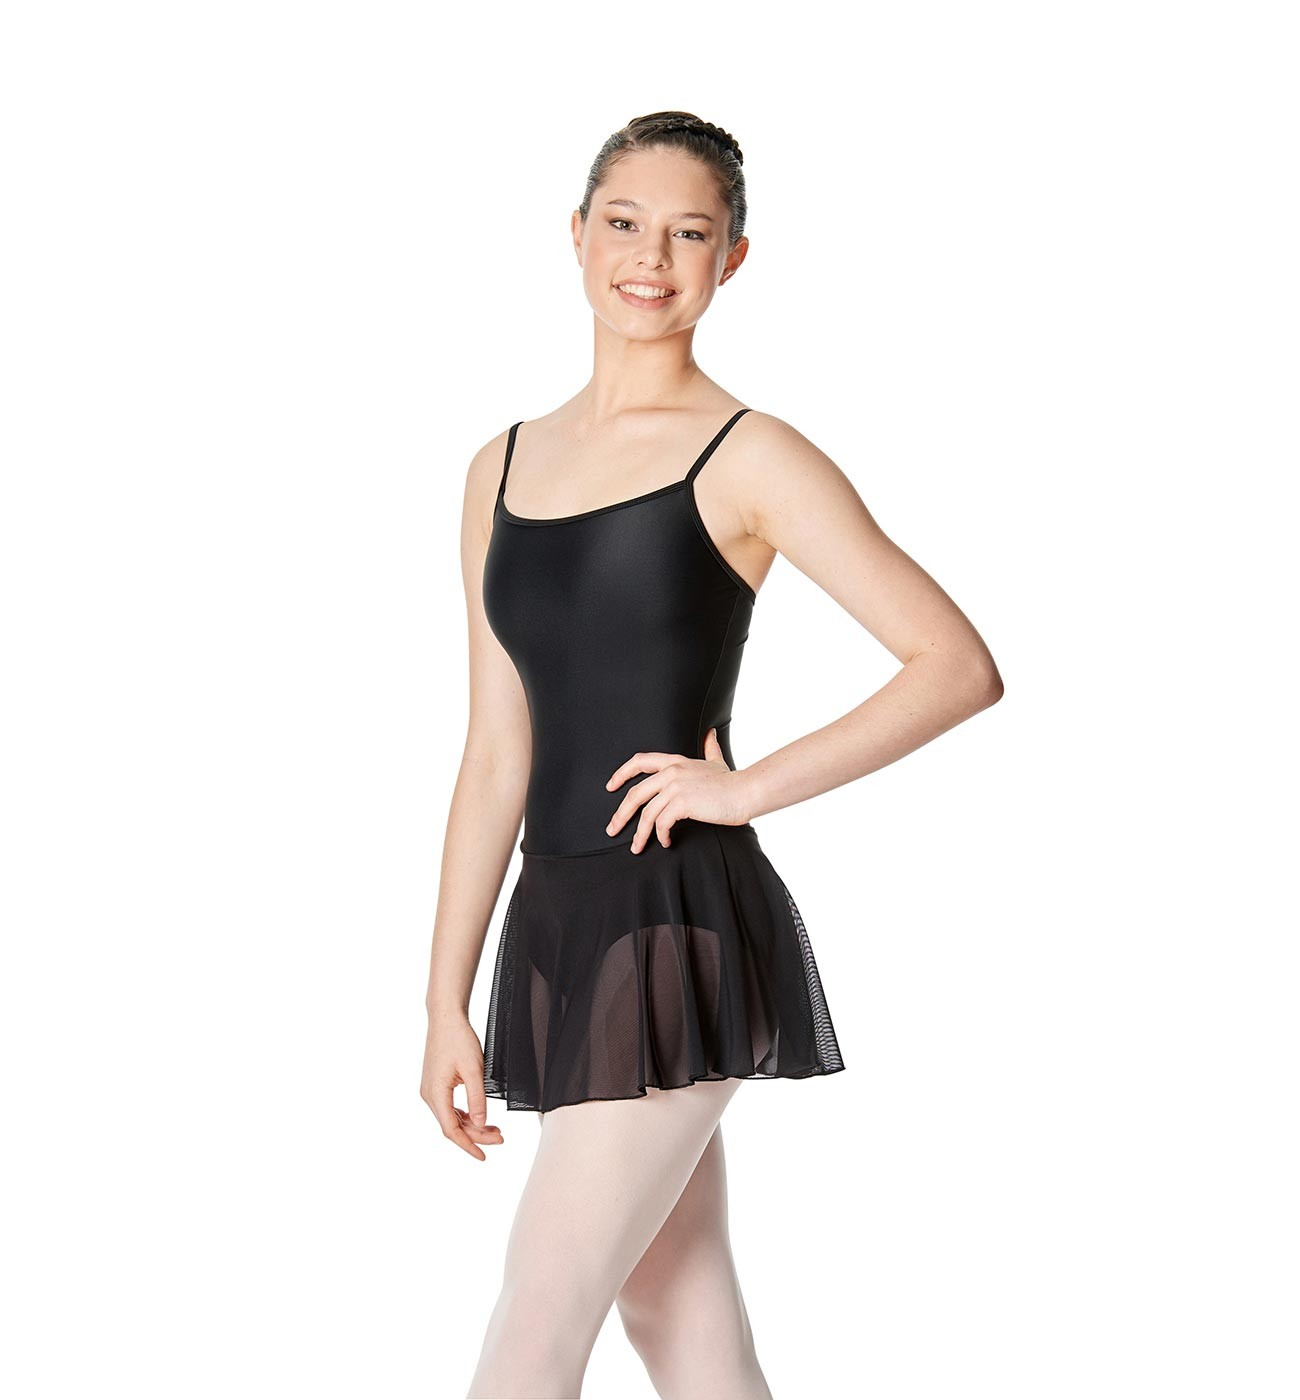 שחור שמלת בלט Lillian של Lulli כתפיות דקות וחצאית רשת LUB254